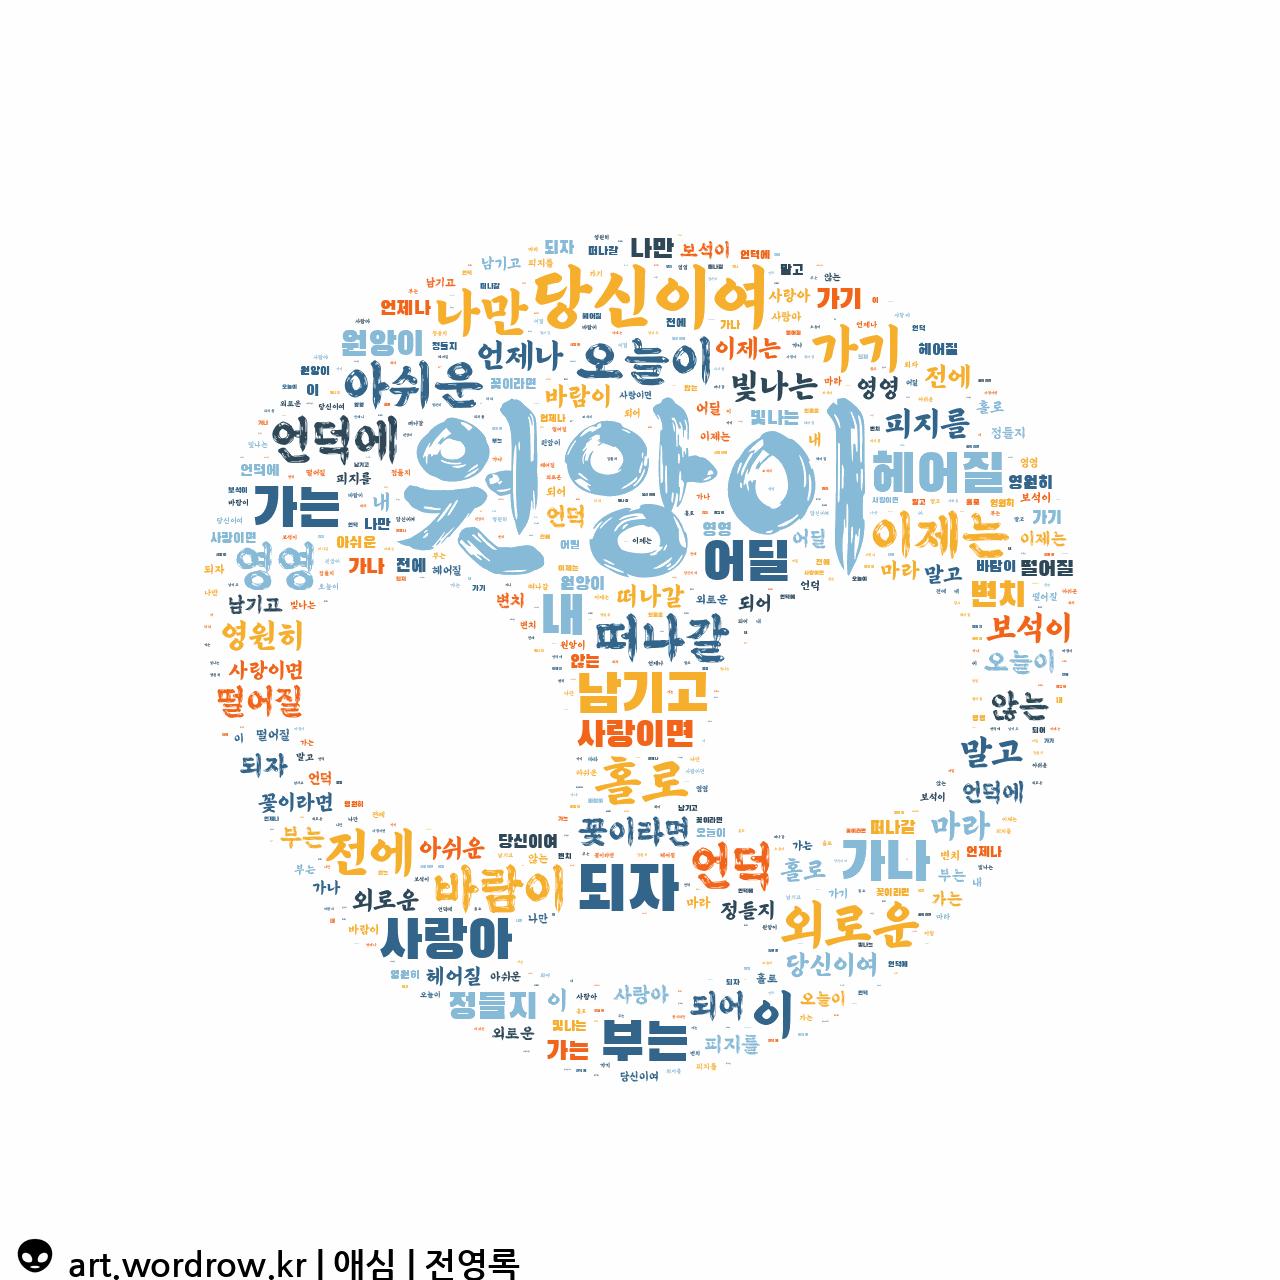 워드 아트: 애심 [전영록]-28